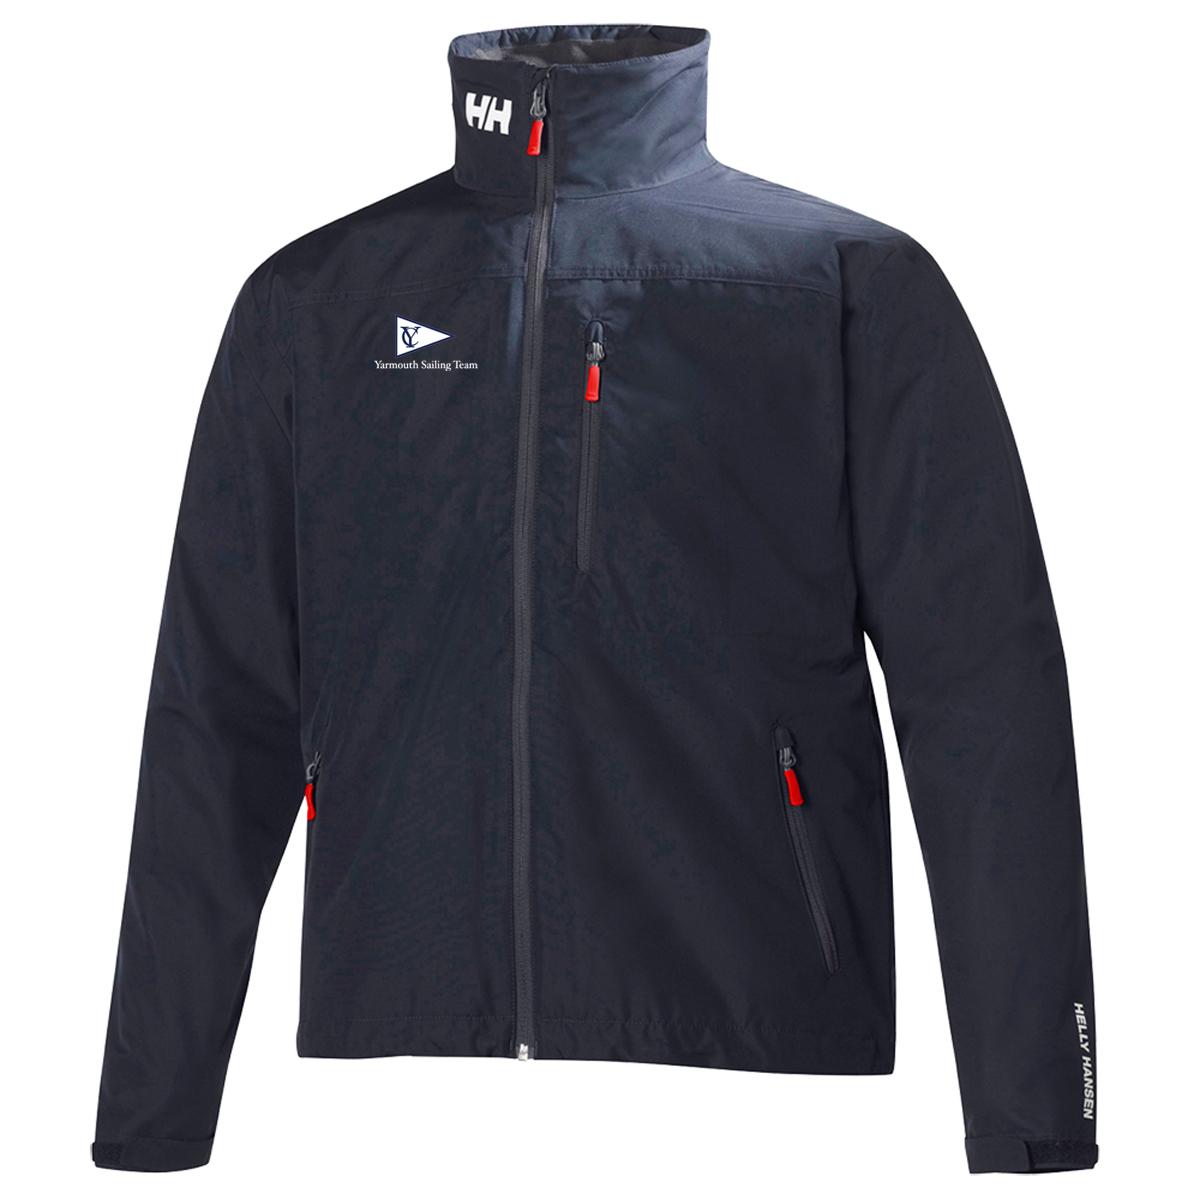 YHS Men's Crew Jacket